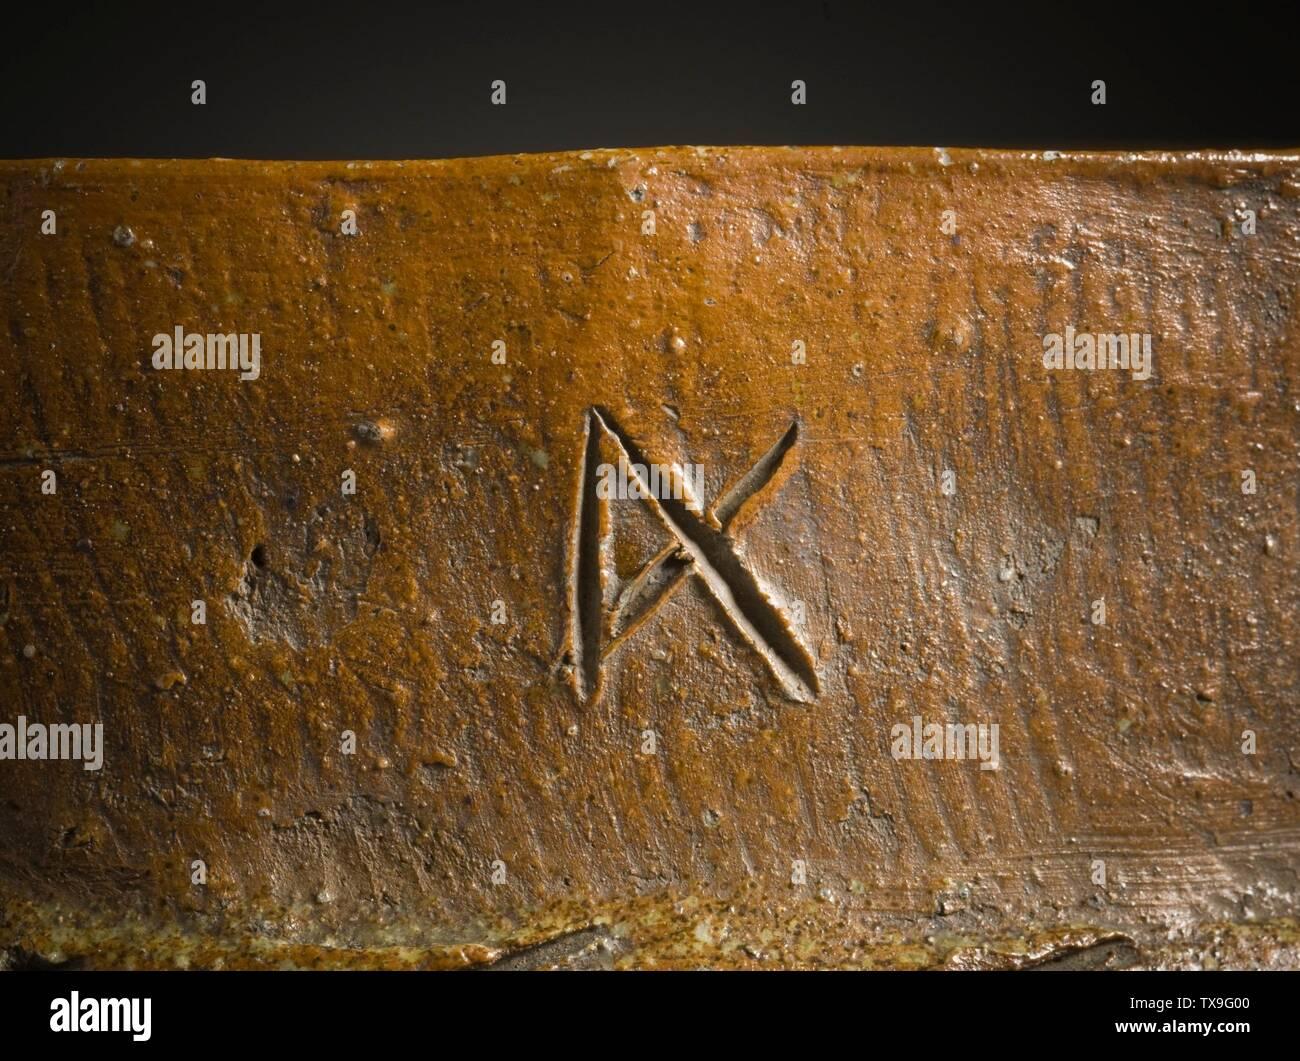 """'Mizusashi (recipiente de agua para la ceremonia del té) en forma de un cubo de madera (Imagen 7 de 7); en inglés: Japón, el período Momoyama, mobiliario 1573-1615; Serviceware Tamba ware; gres con barniz de ceniza natural a-b) de la tapa de dos piezas: 9 1/2 x 4 1/2 x 3/8 in. (24,13 x 11,43 x 0,95 cm) cada uno; c) contenedor: 10 3/4 x 10 1/4"""" x 9 1/4"""". (32,95 x 26.04 x 24.45 cm) de Regalo de David y Margaret Barry M.2009.16(a-c) arte japonés actualmente en vista pública: Pabellón de arte Japonés, piso 3; entre 1573 y 1615 fecha QS:P571,+1500-00-00T00:00:00Z/6,P1319,+1573-00-00T00:00:00Z/9,P1326,+1615-00-00T00:00:00Z/9; ' Imagen De Stock"""